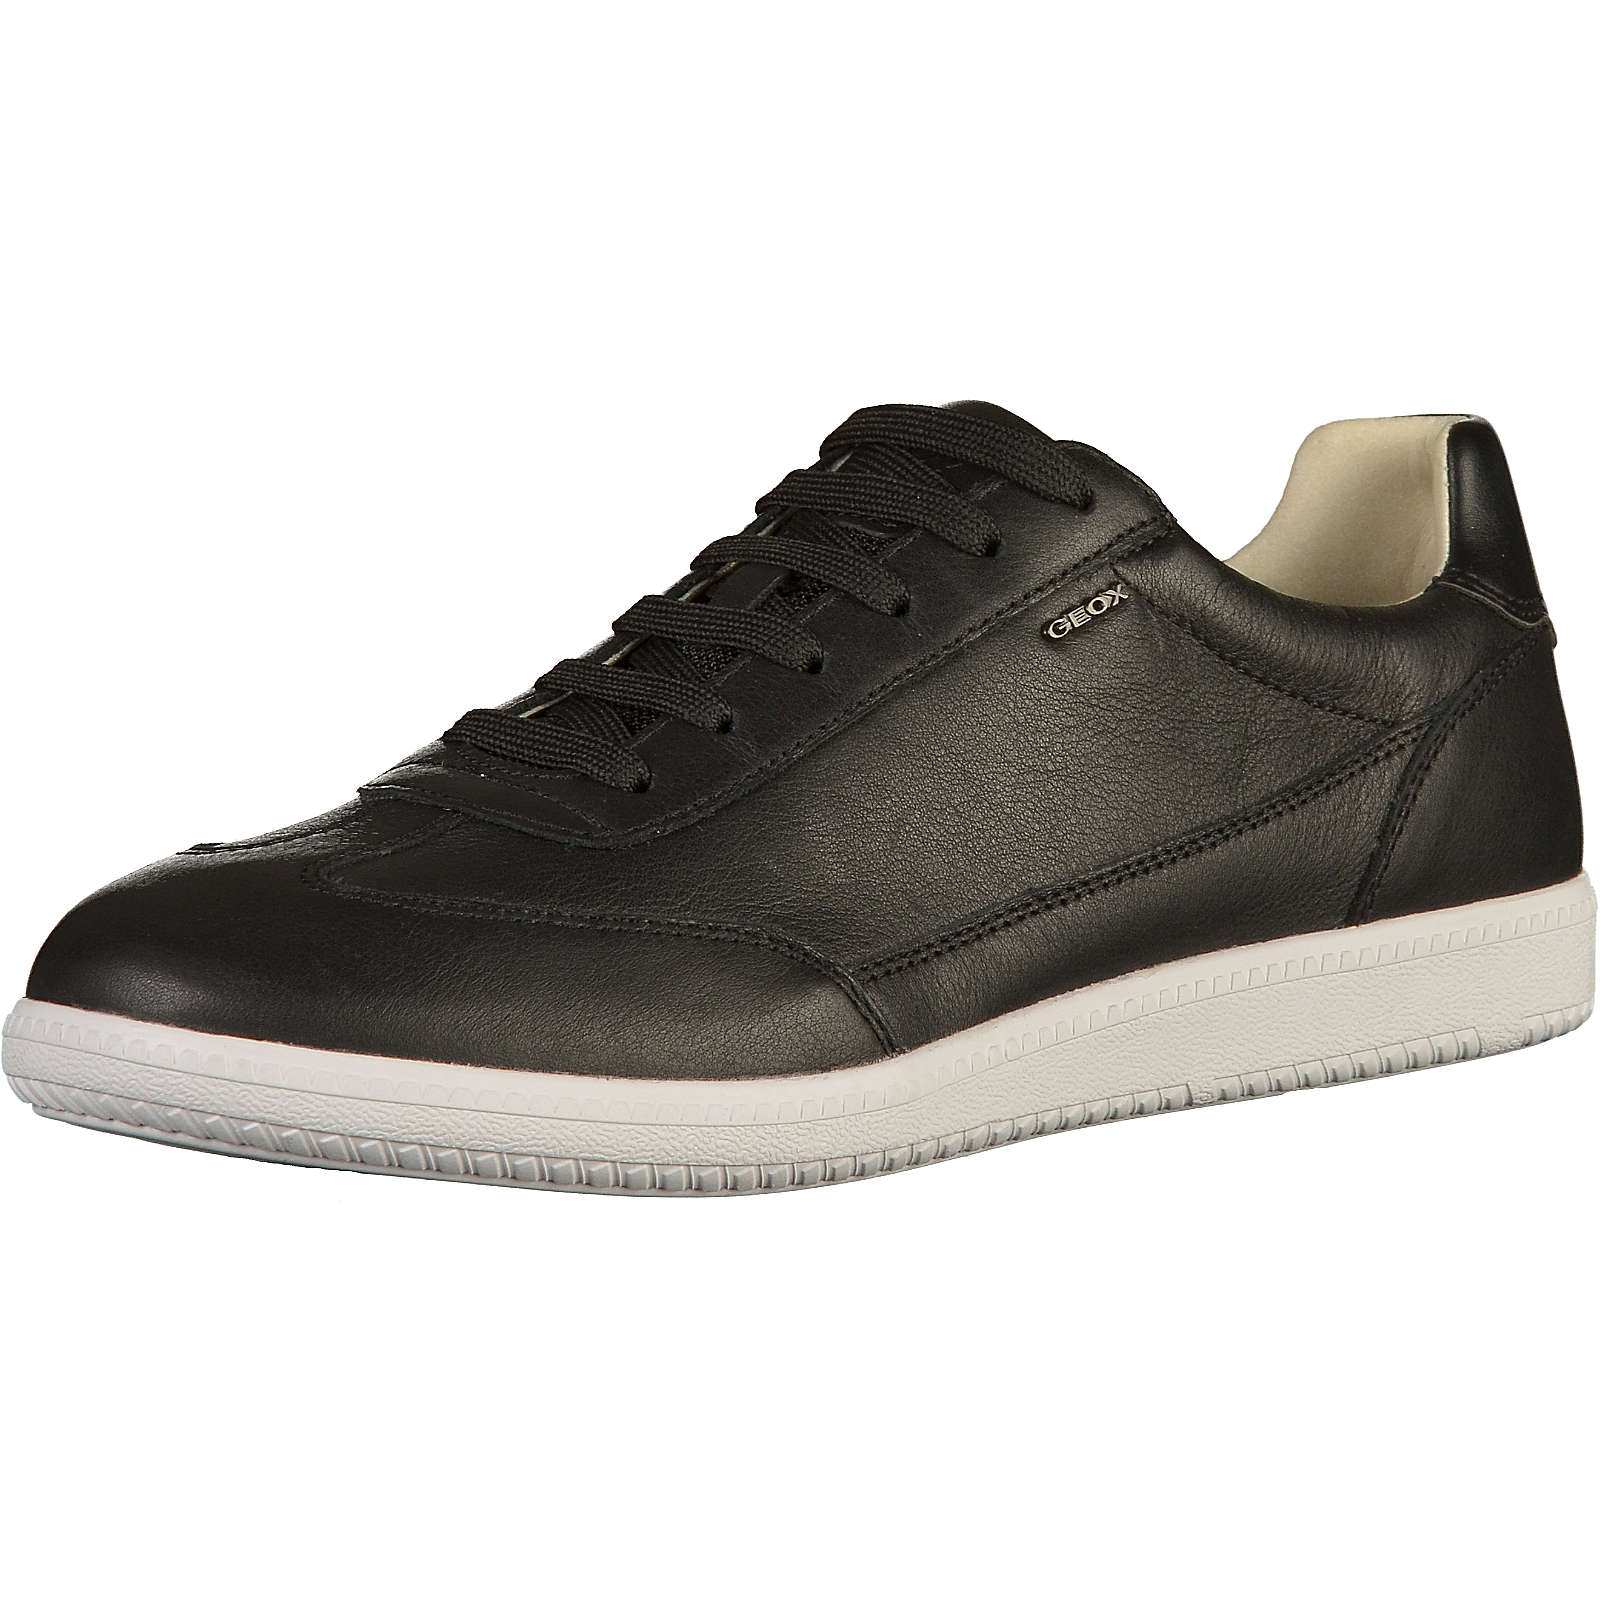 GEOX Sneakers Low schwarz Herren Gr. 40